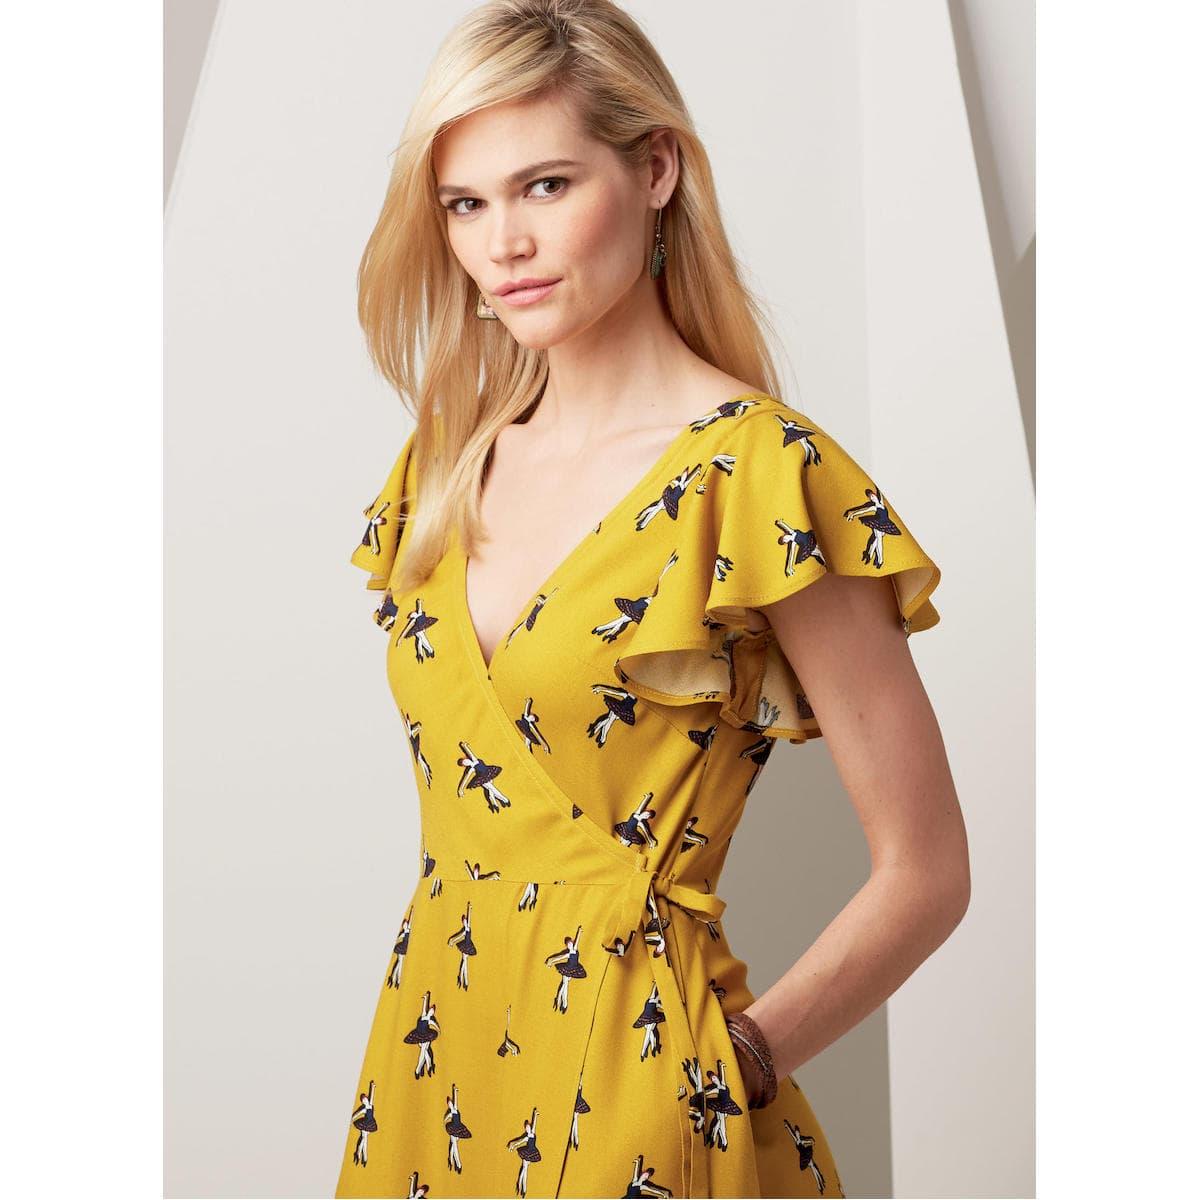 Coudre Femme Patterns Coup De – 36 Vogue Robe V9251 Du 52 Patron Au Yf76bgy